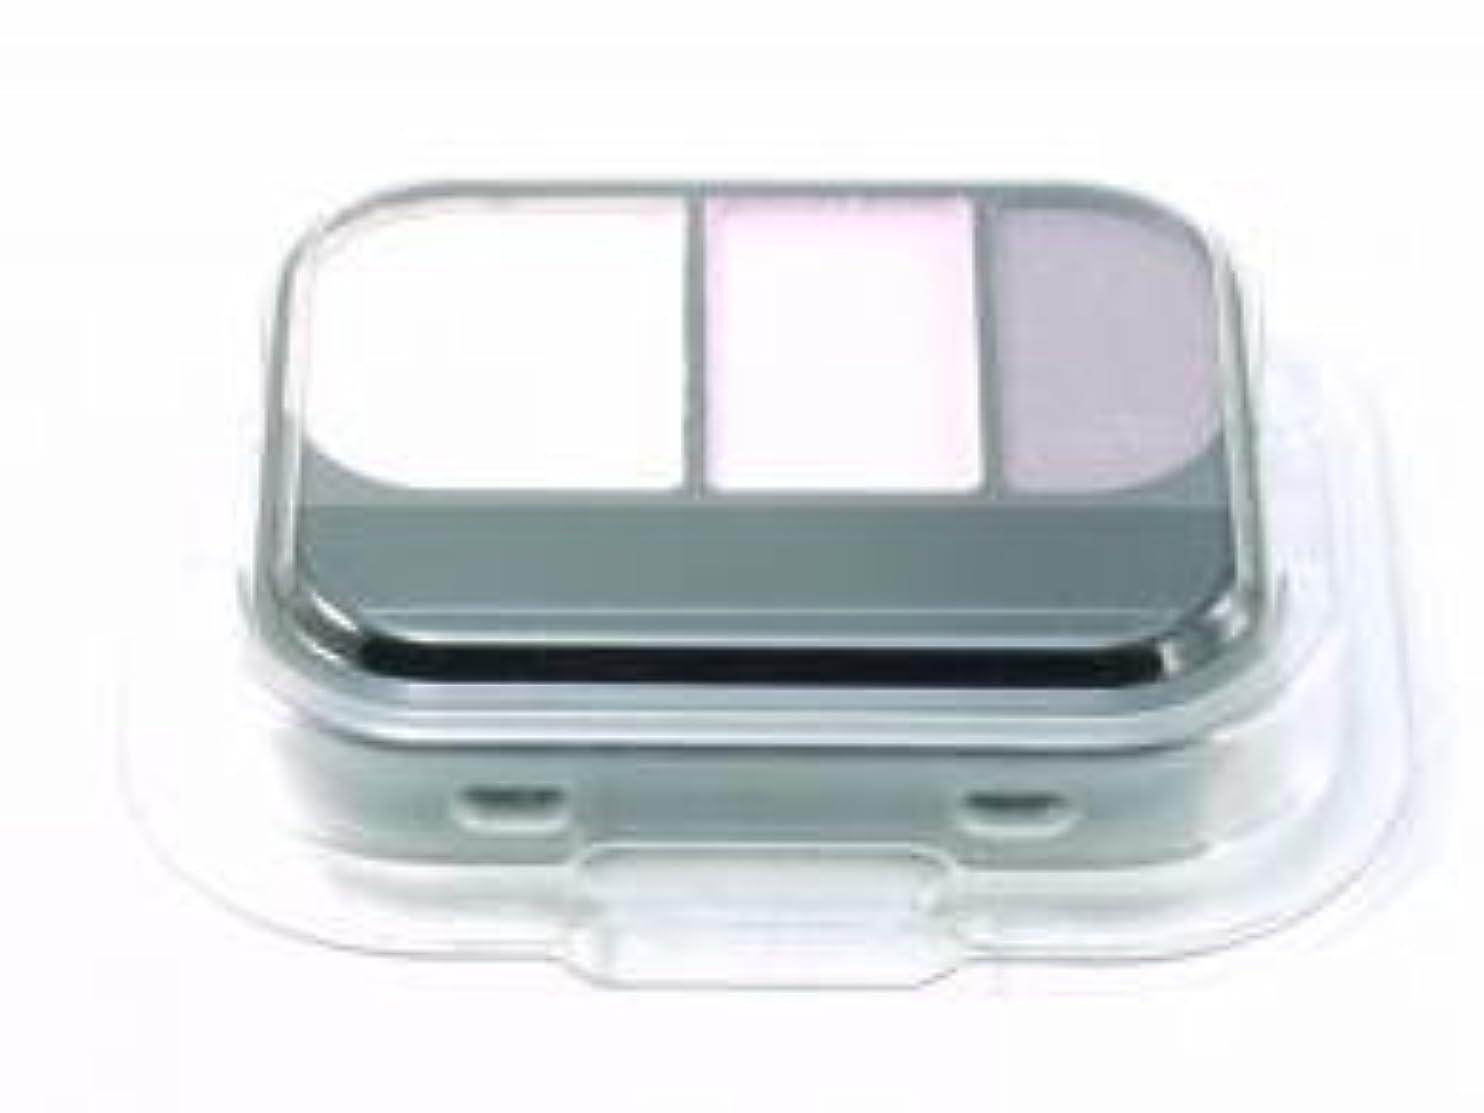 感情クラックポット強制的アイビー化粧品 エレガンス アイカラーカートリッジ PK-100